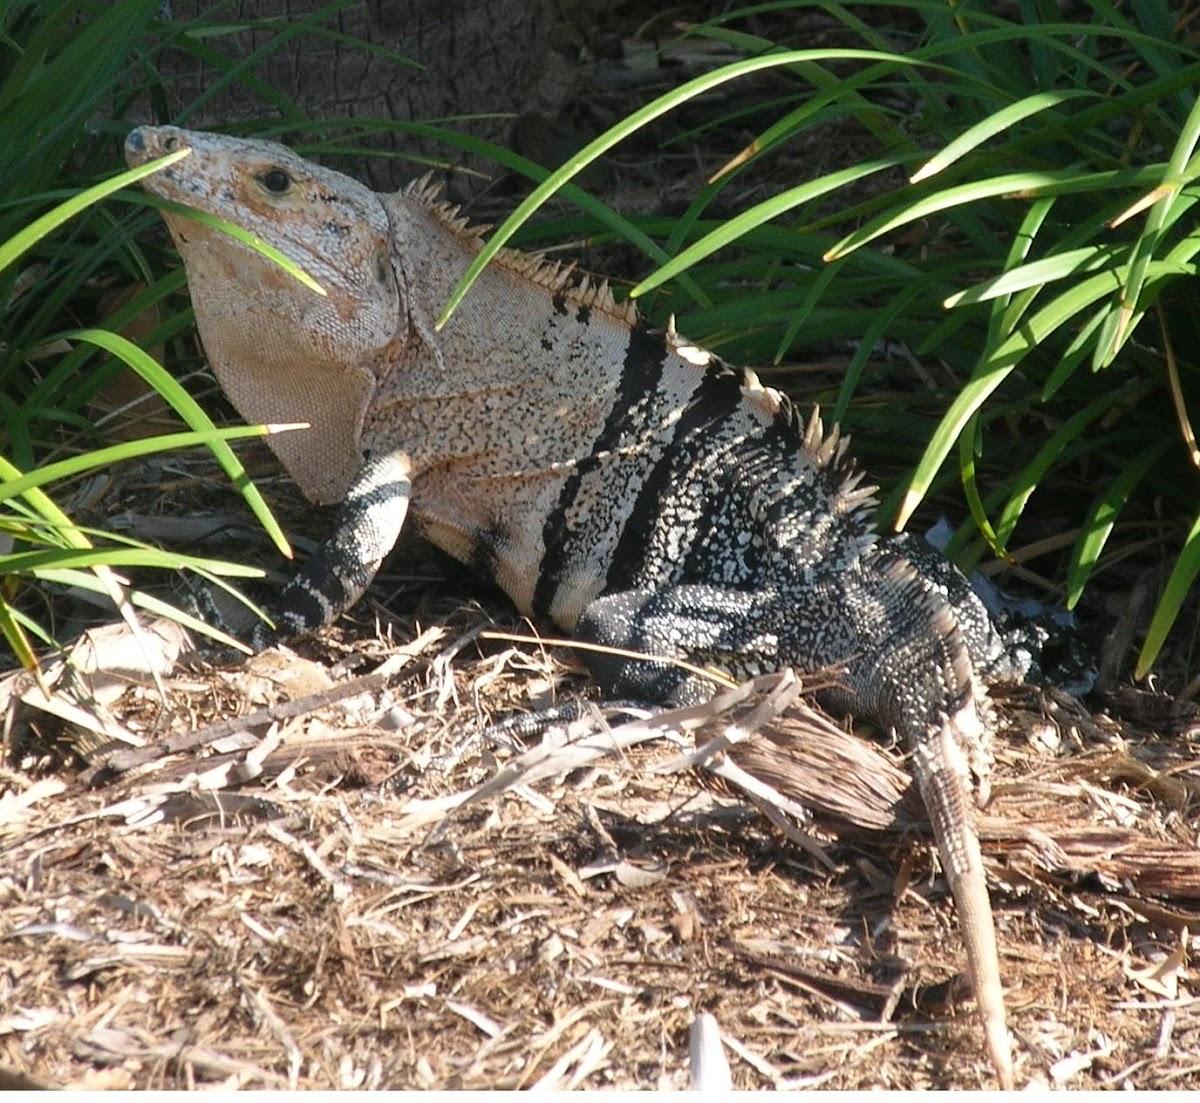 Ctenosaura - Iguana Negra - Mexican Spiny Tailed Iguana